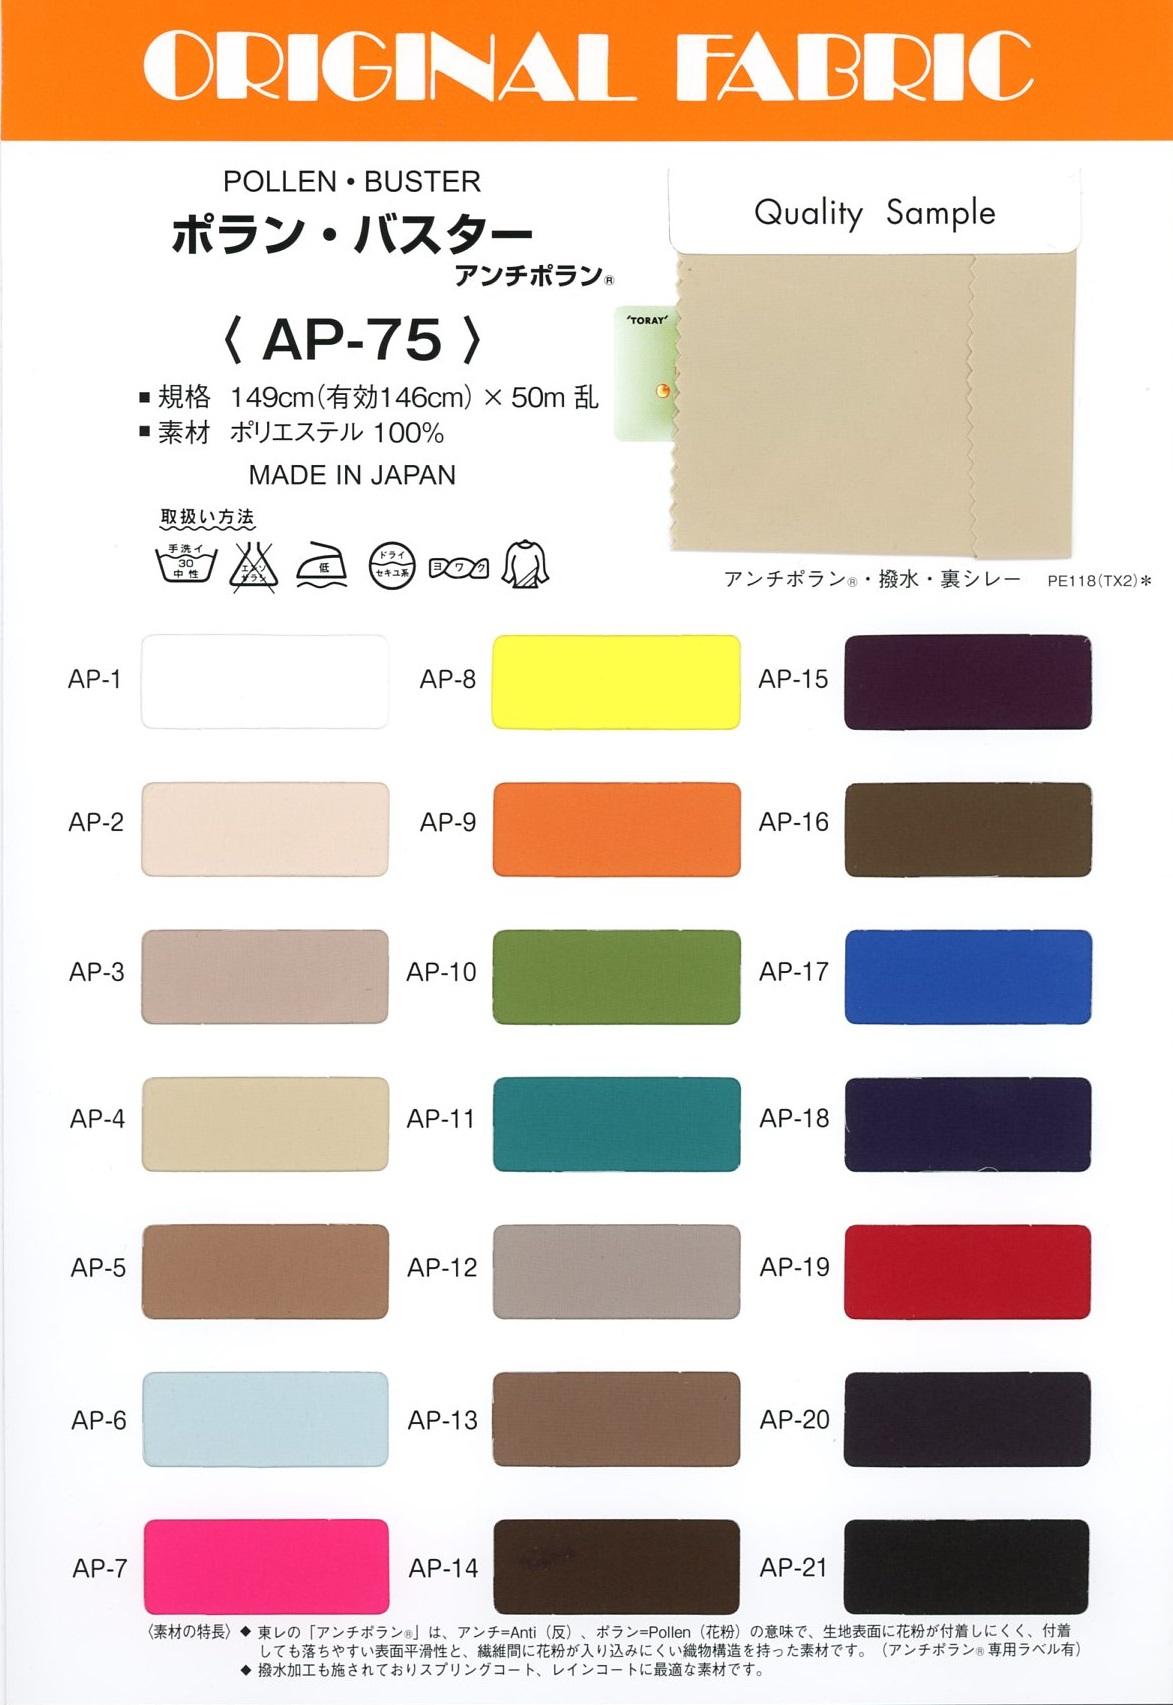 AP75 ポラン・バスター[生地] Masuda(マスダ)/オークラ商事 - ApparelX アパレル資材卸通販